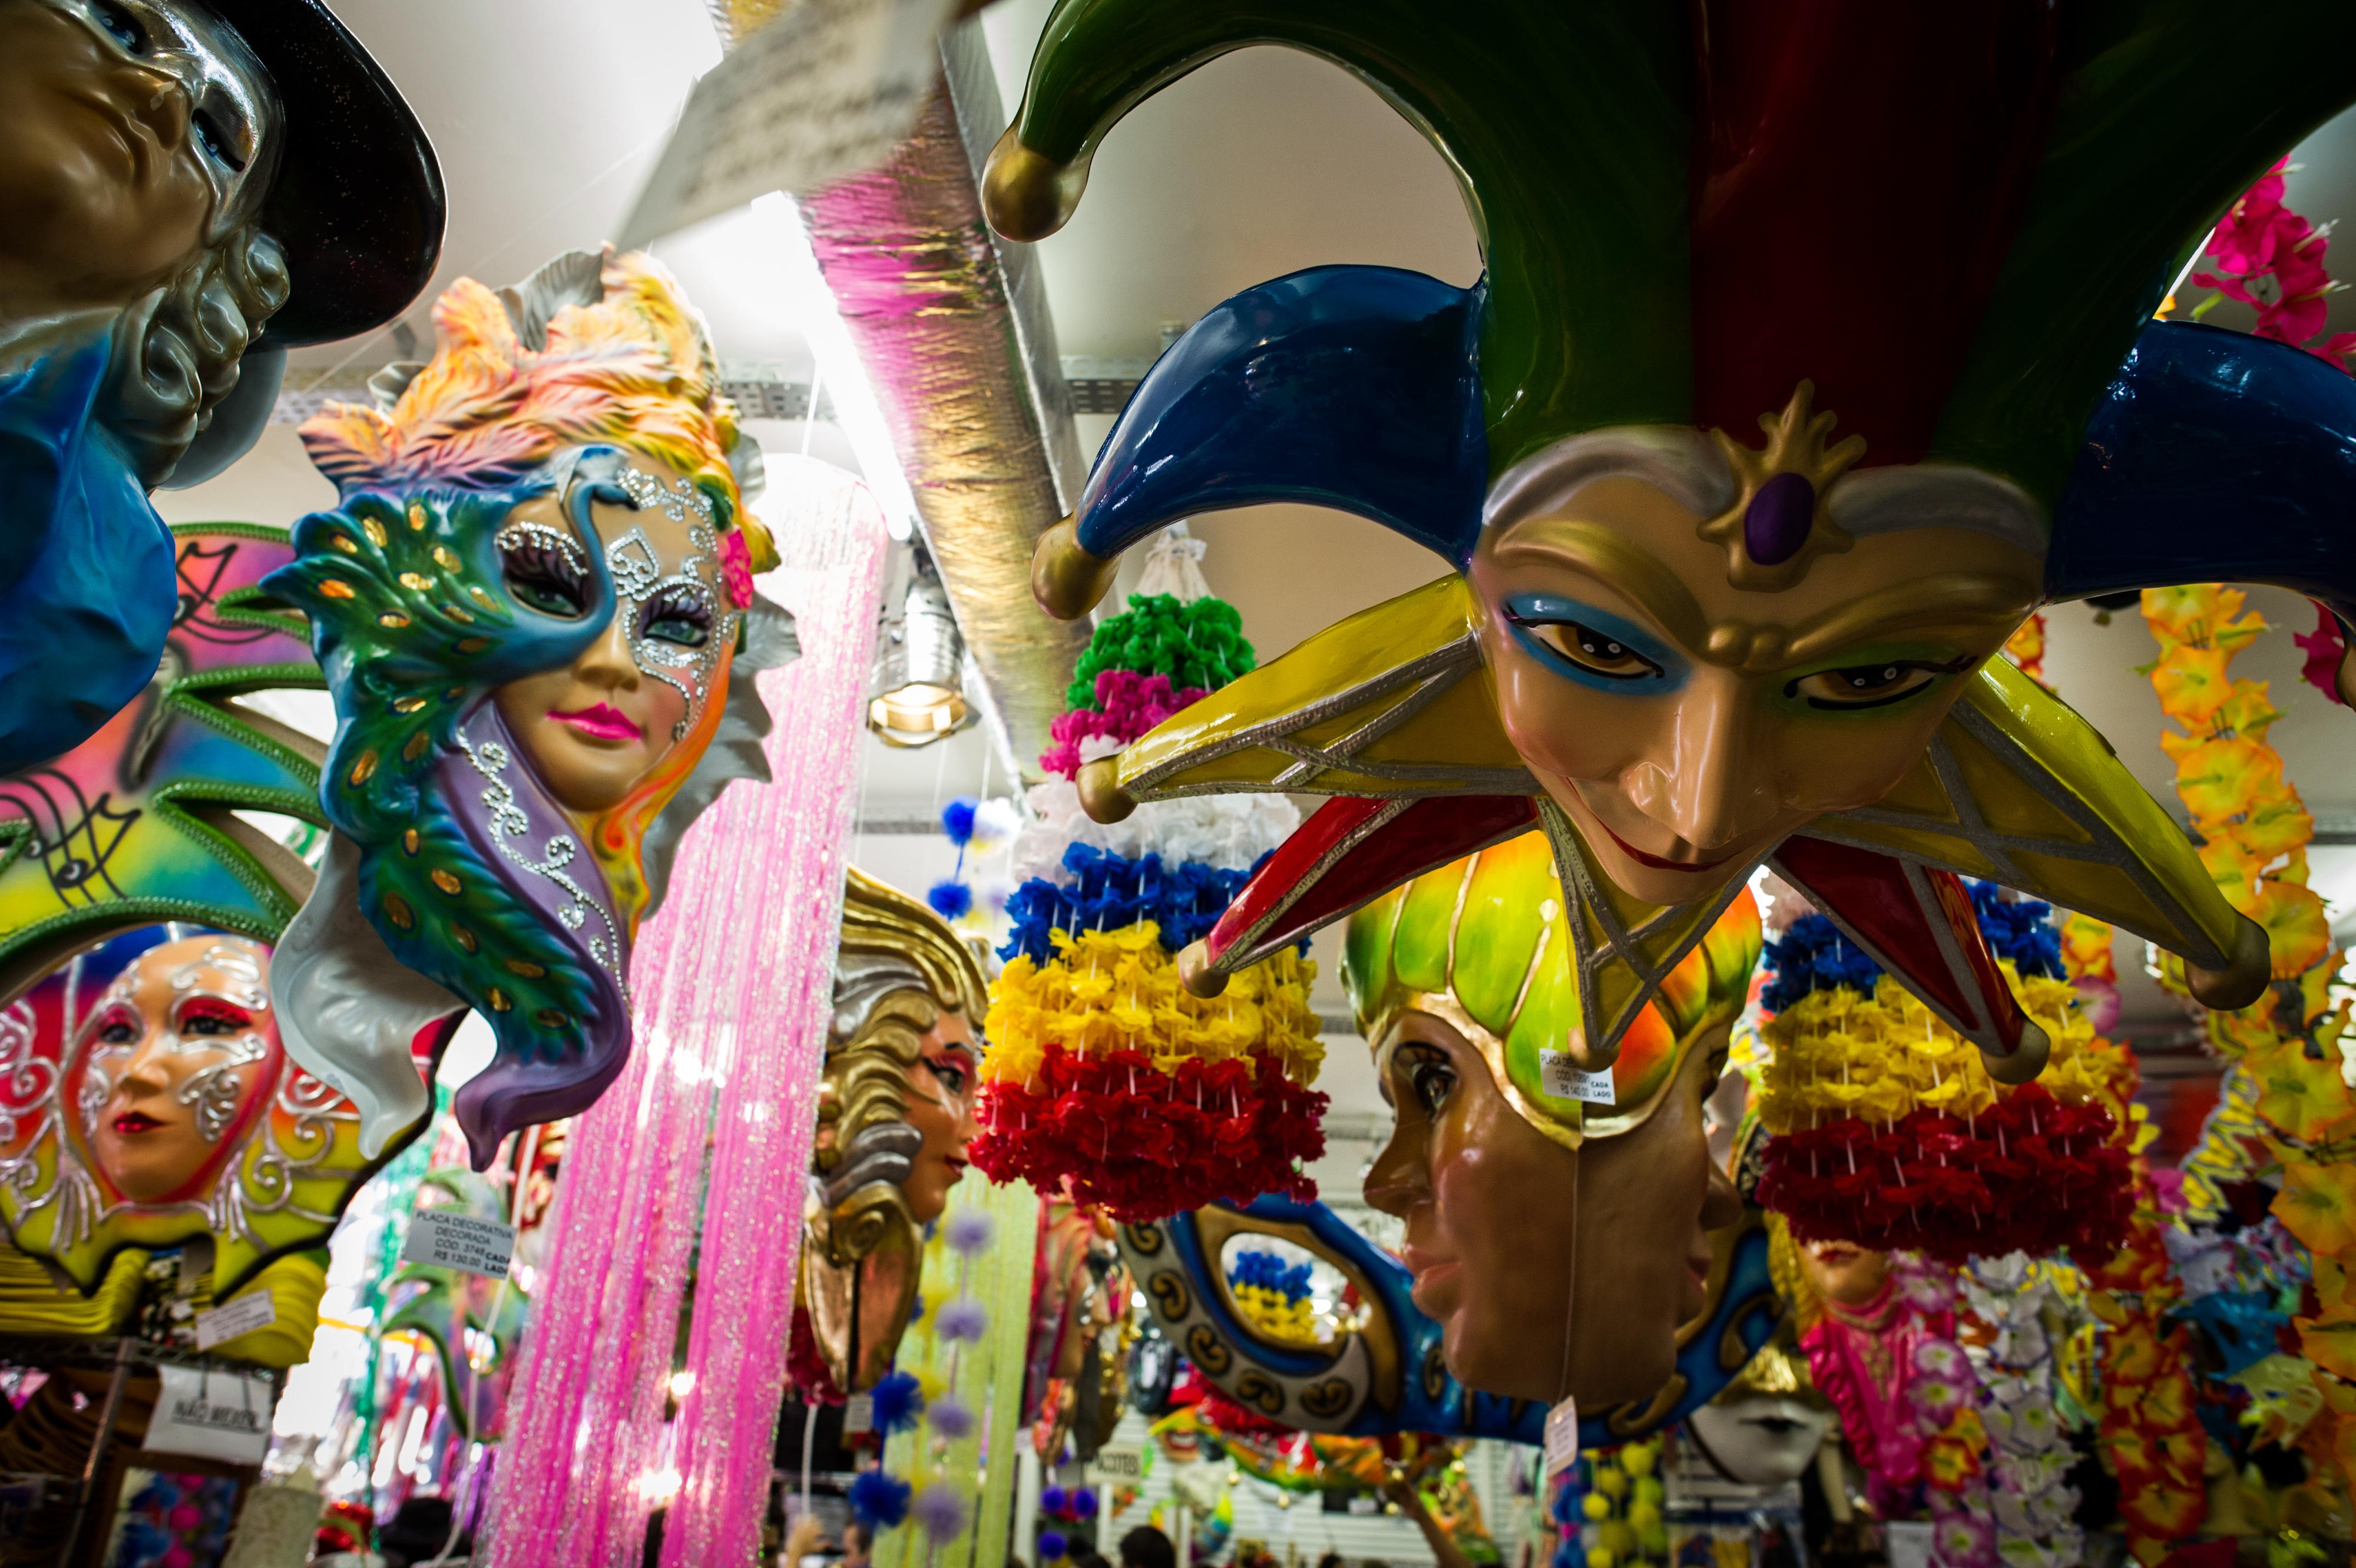 Carnevale idee per addobbi fai da te e decorazioni for Fai da te decorazioni casa